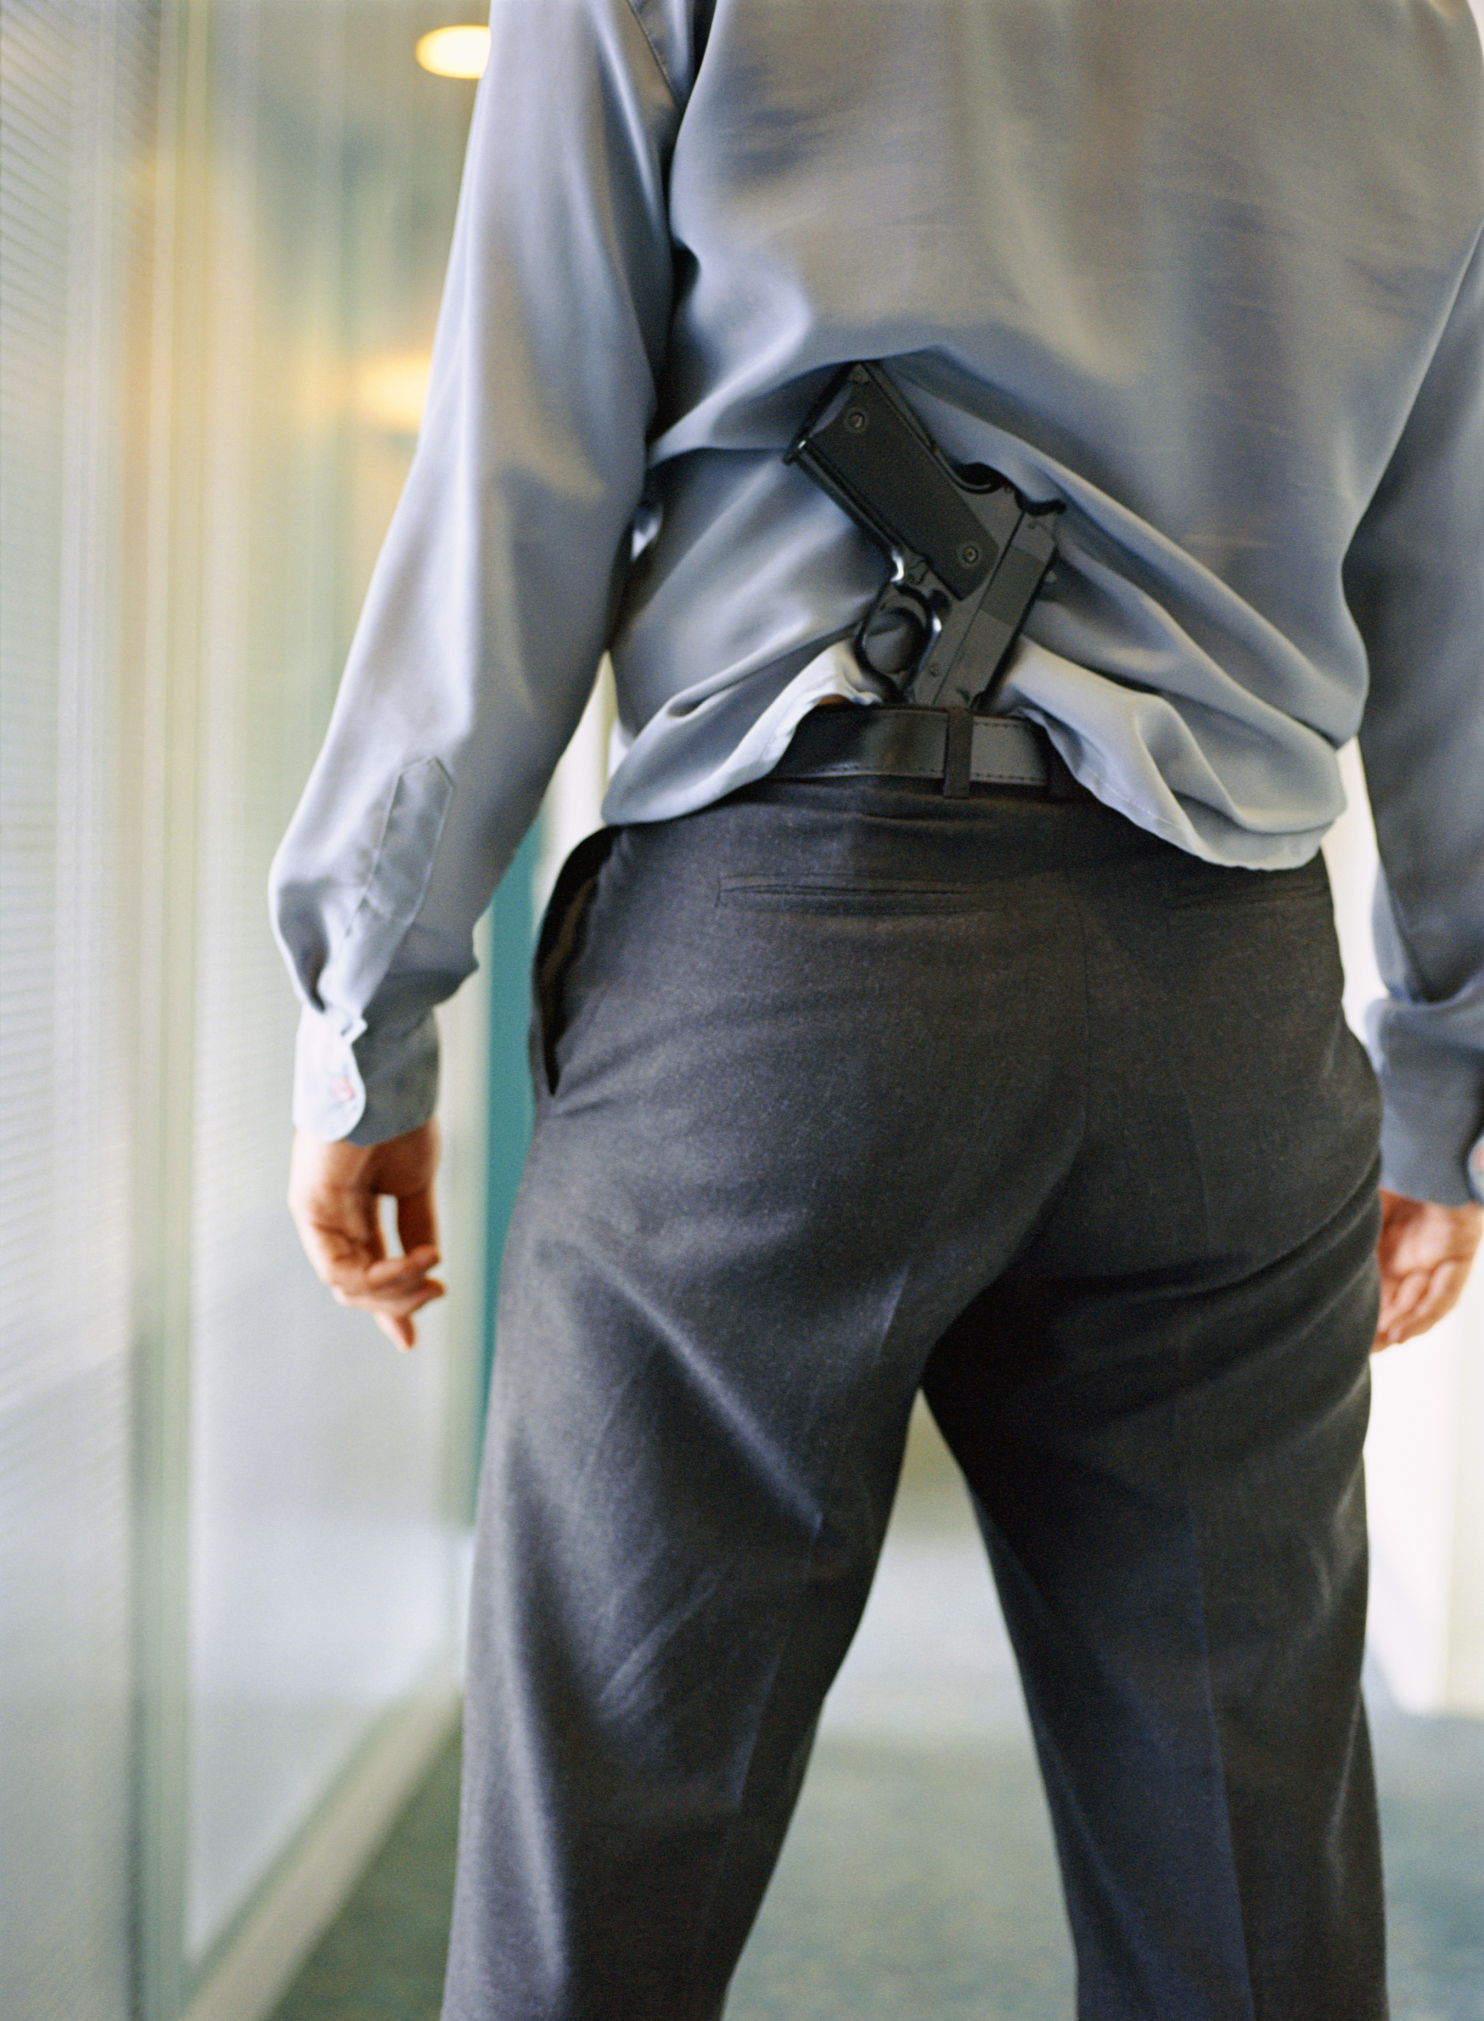 Missouri lawmakers loosen gun laws with veto override of SB 656 ...